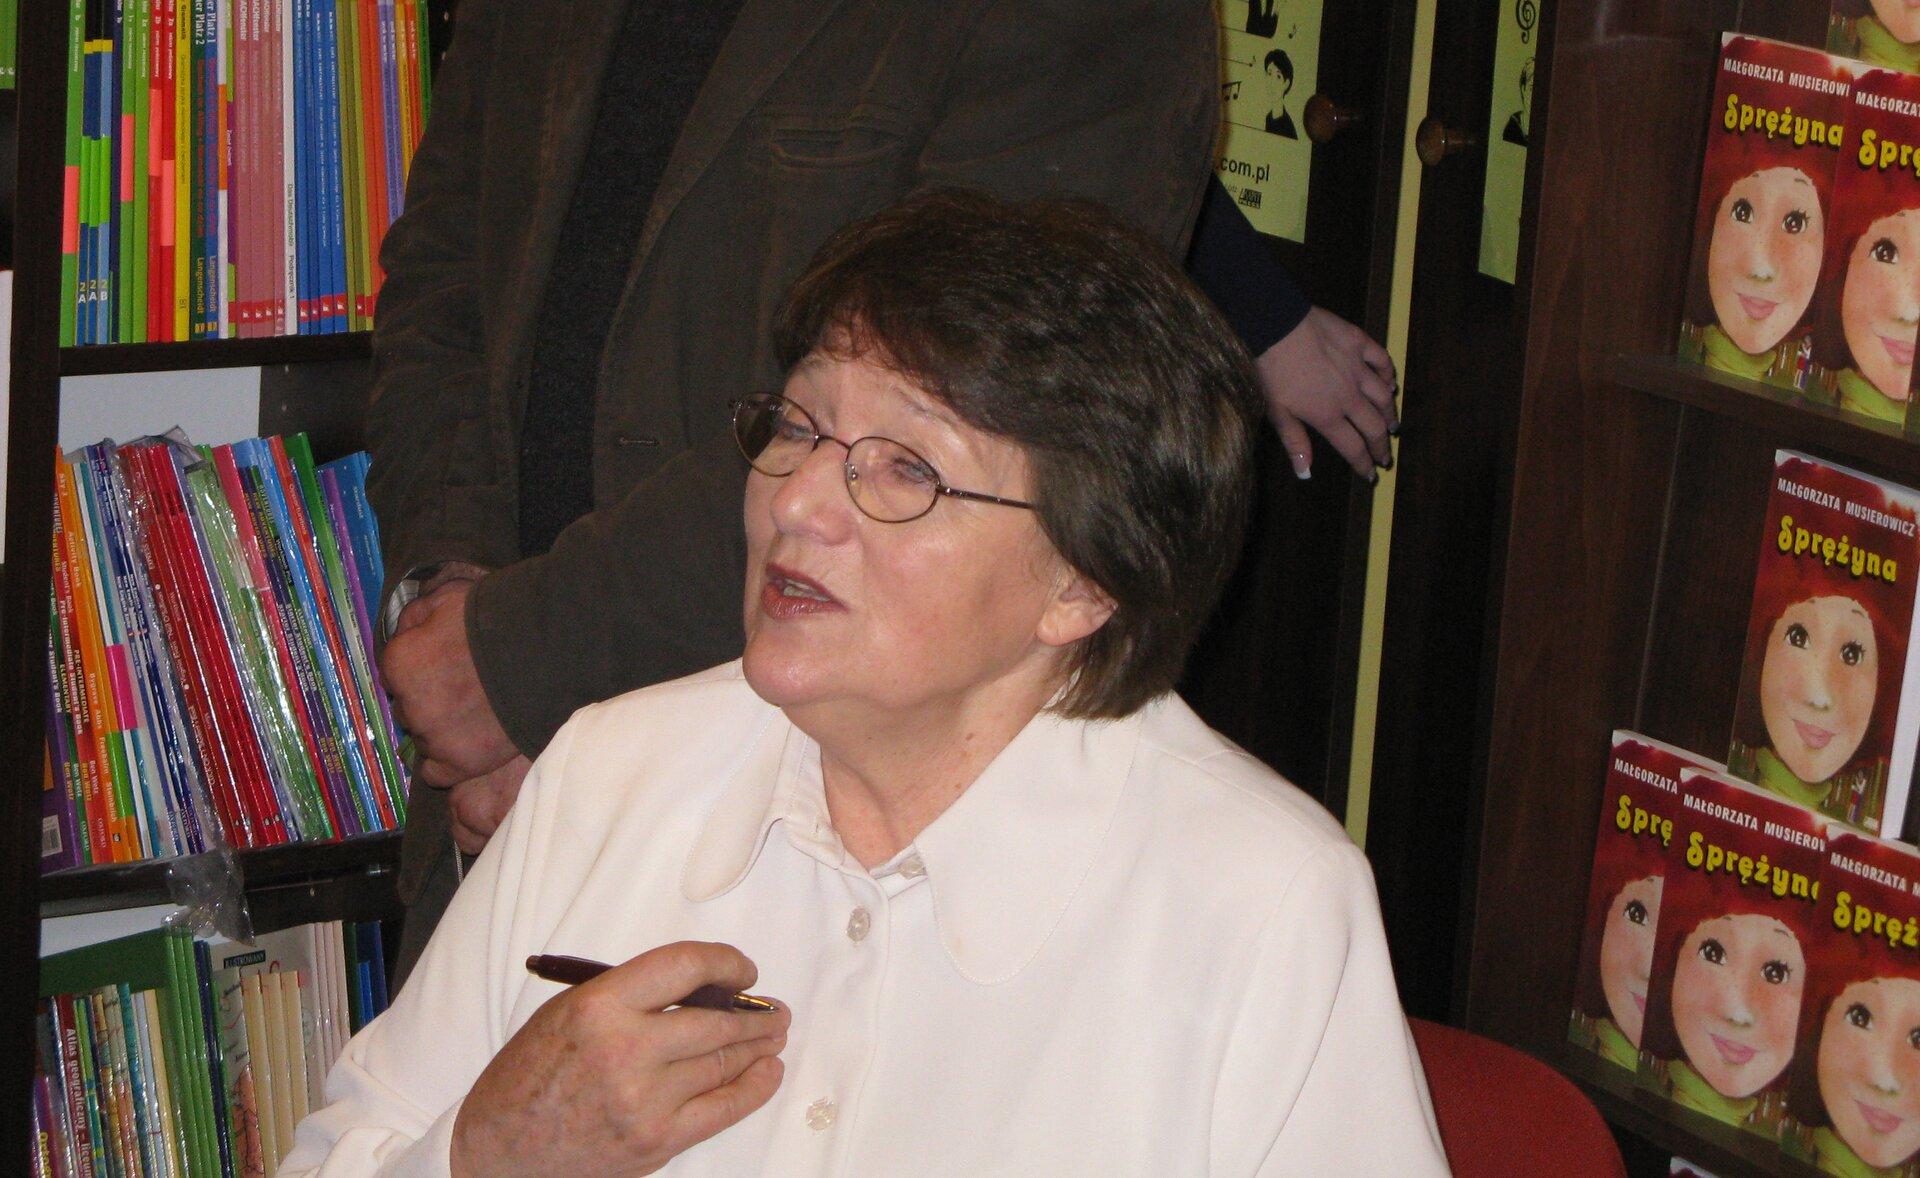 Małgorzata Musierowicz Małgorzata Musierowicz Źródło: Margoz, 2008, fotografia barwna, licencja: CC BY-SA 4.0.